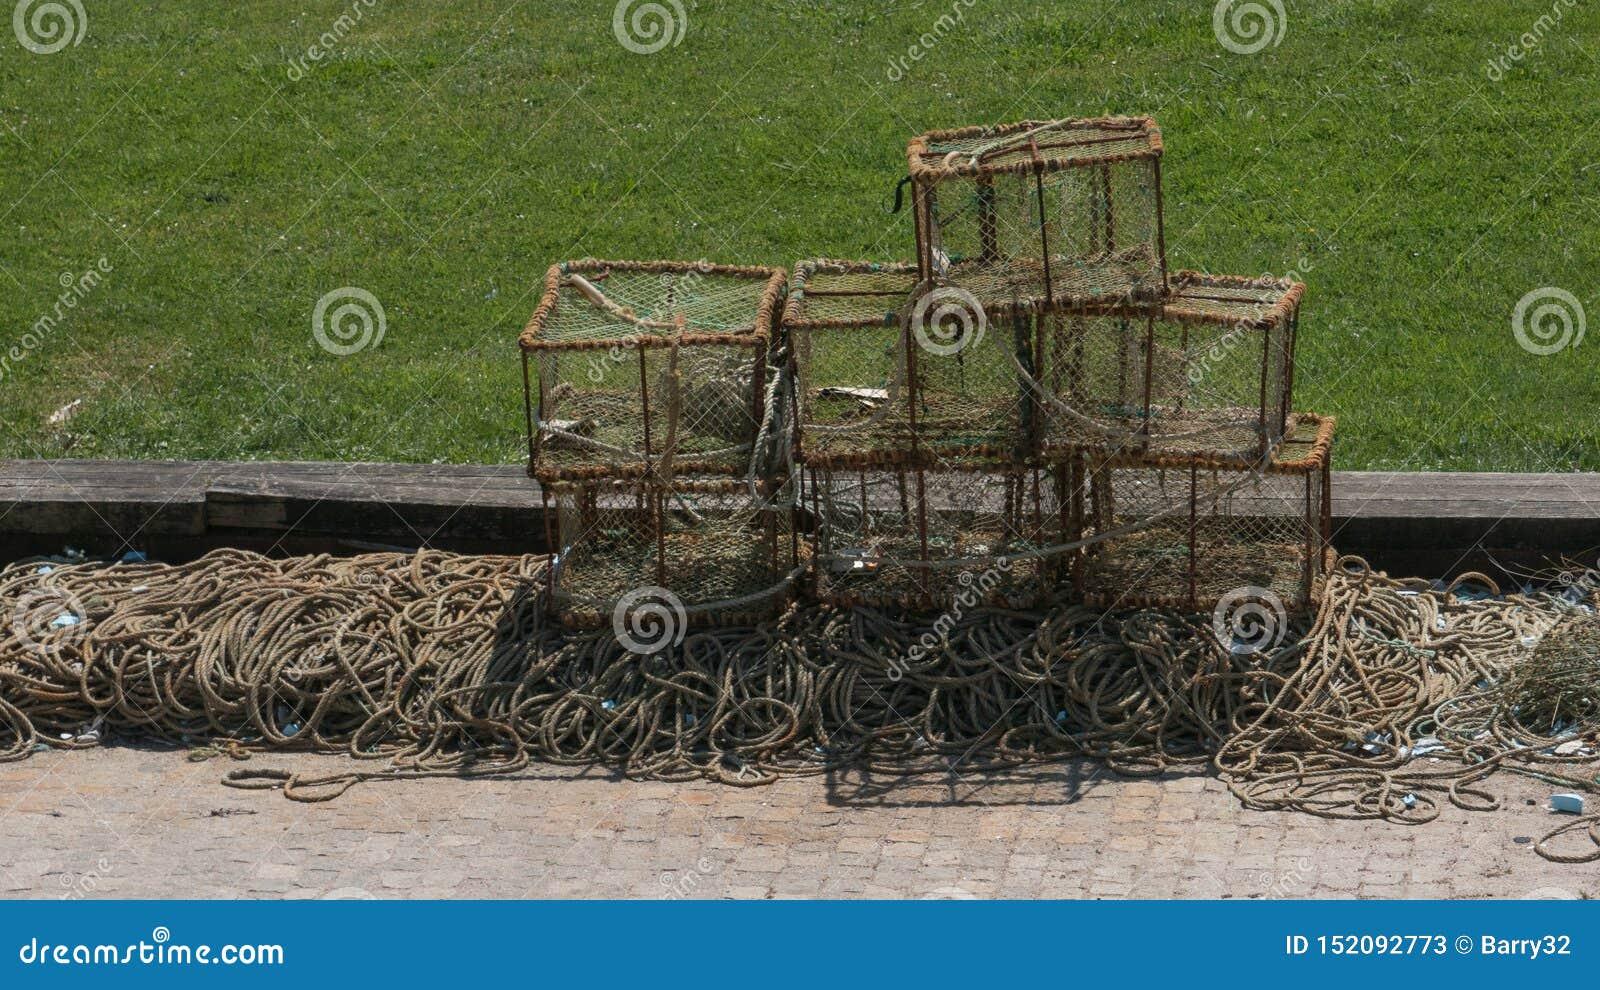 Δοχεία καβουριών ή αστακών που ξεραίνουν στον ήλιο στην αποβάθρα στην Πορτογαλία κατά τη διάρκεια του καλοκαιριού